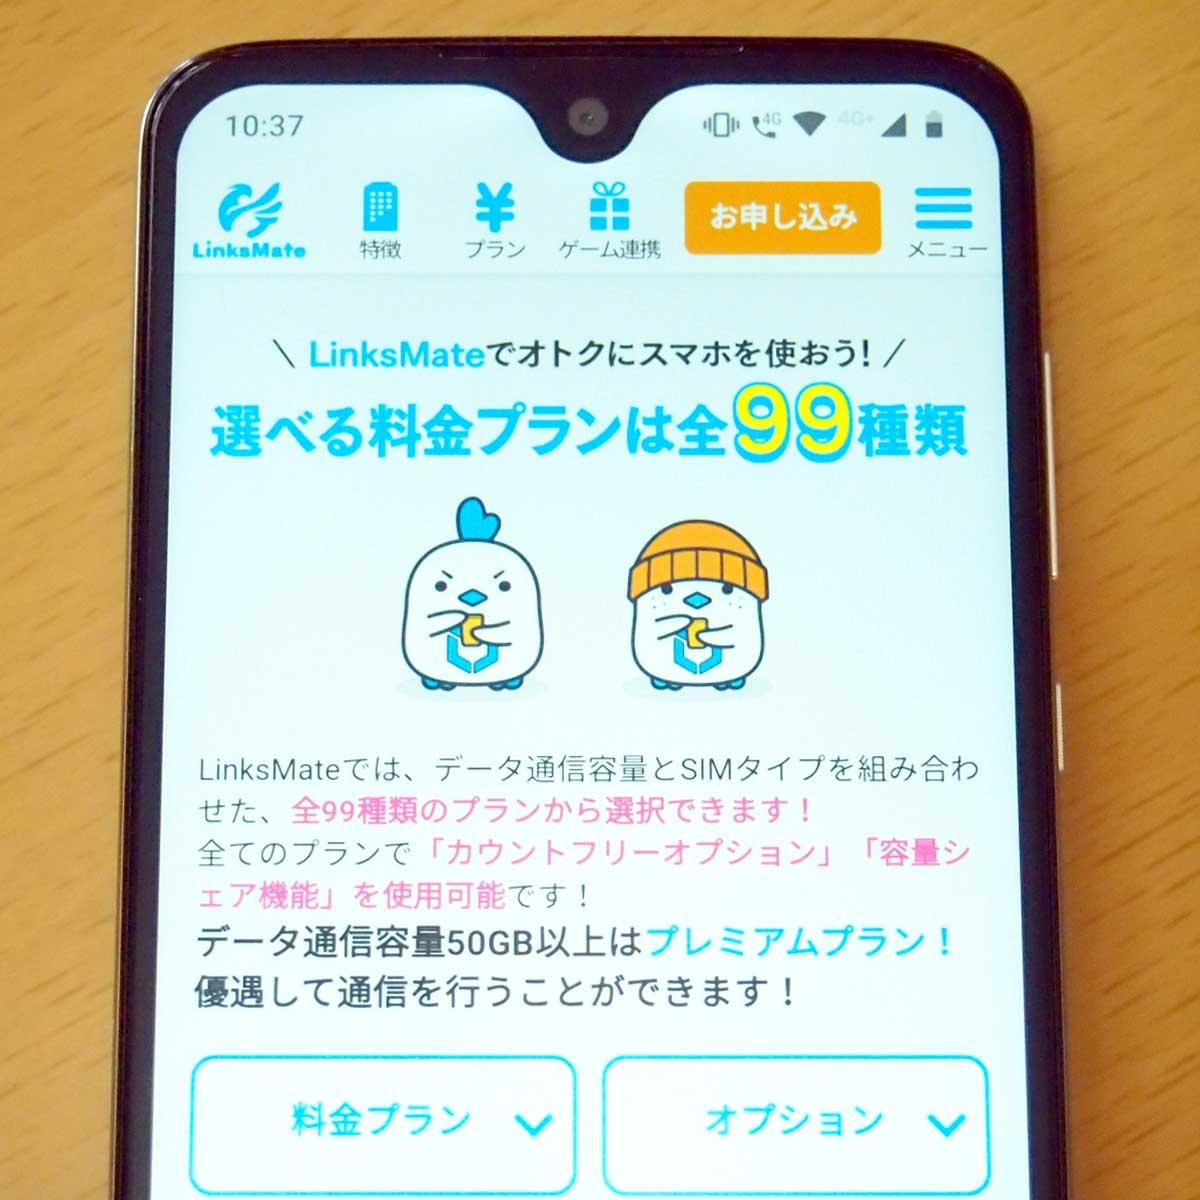 驚きの1TBプランも! ゲームに強い格安SIM「LinksMate」の新しい料金プランをチェック